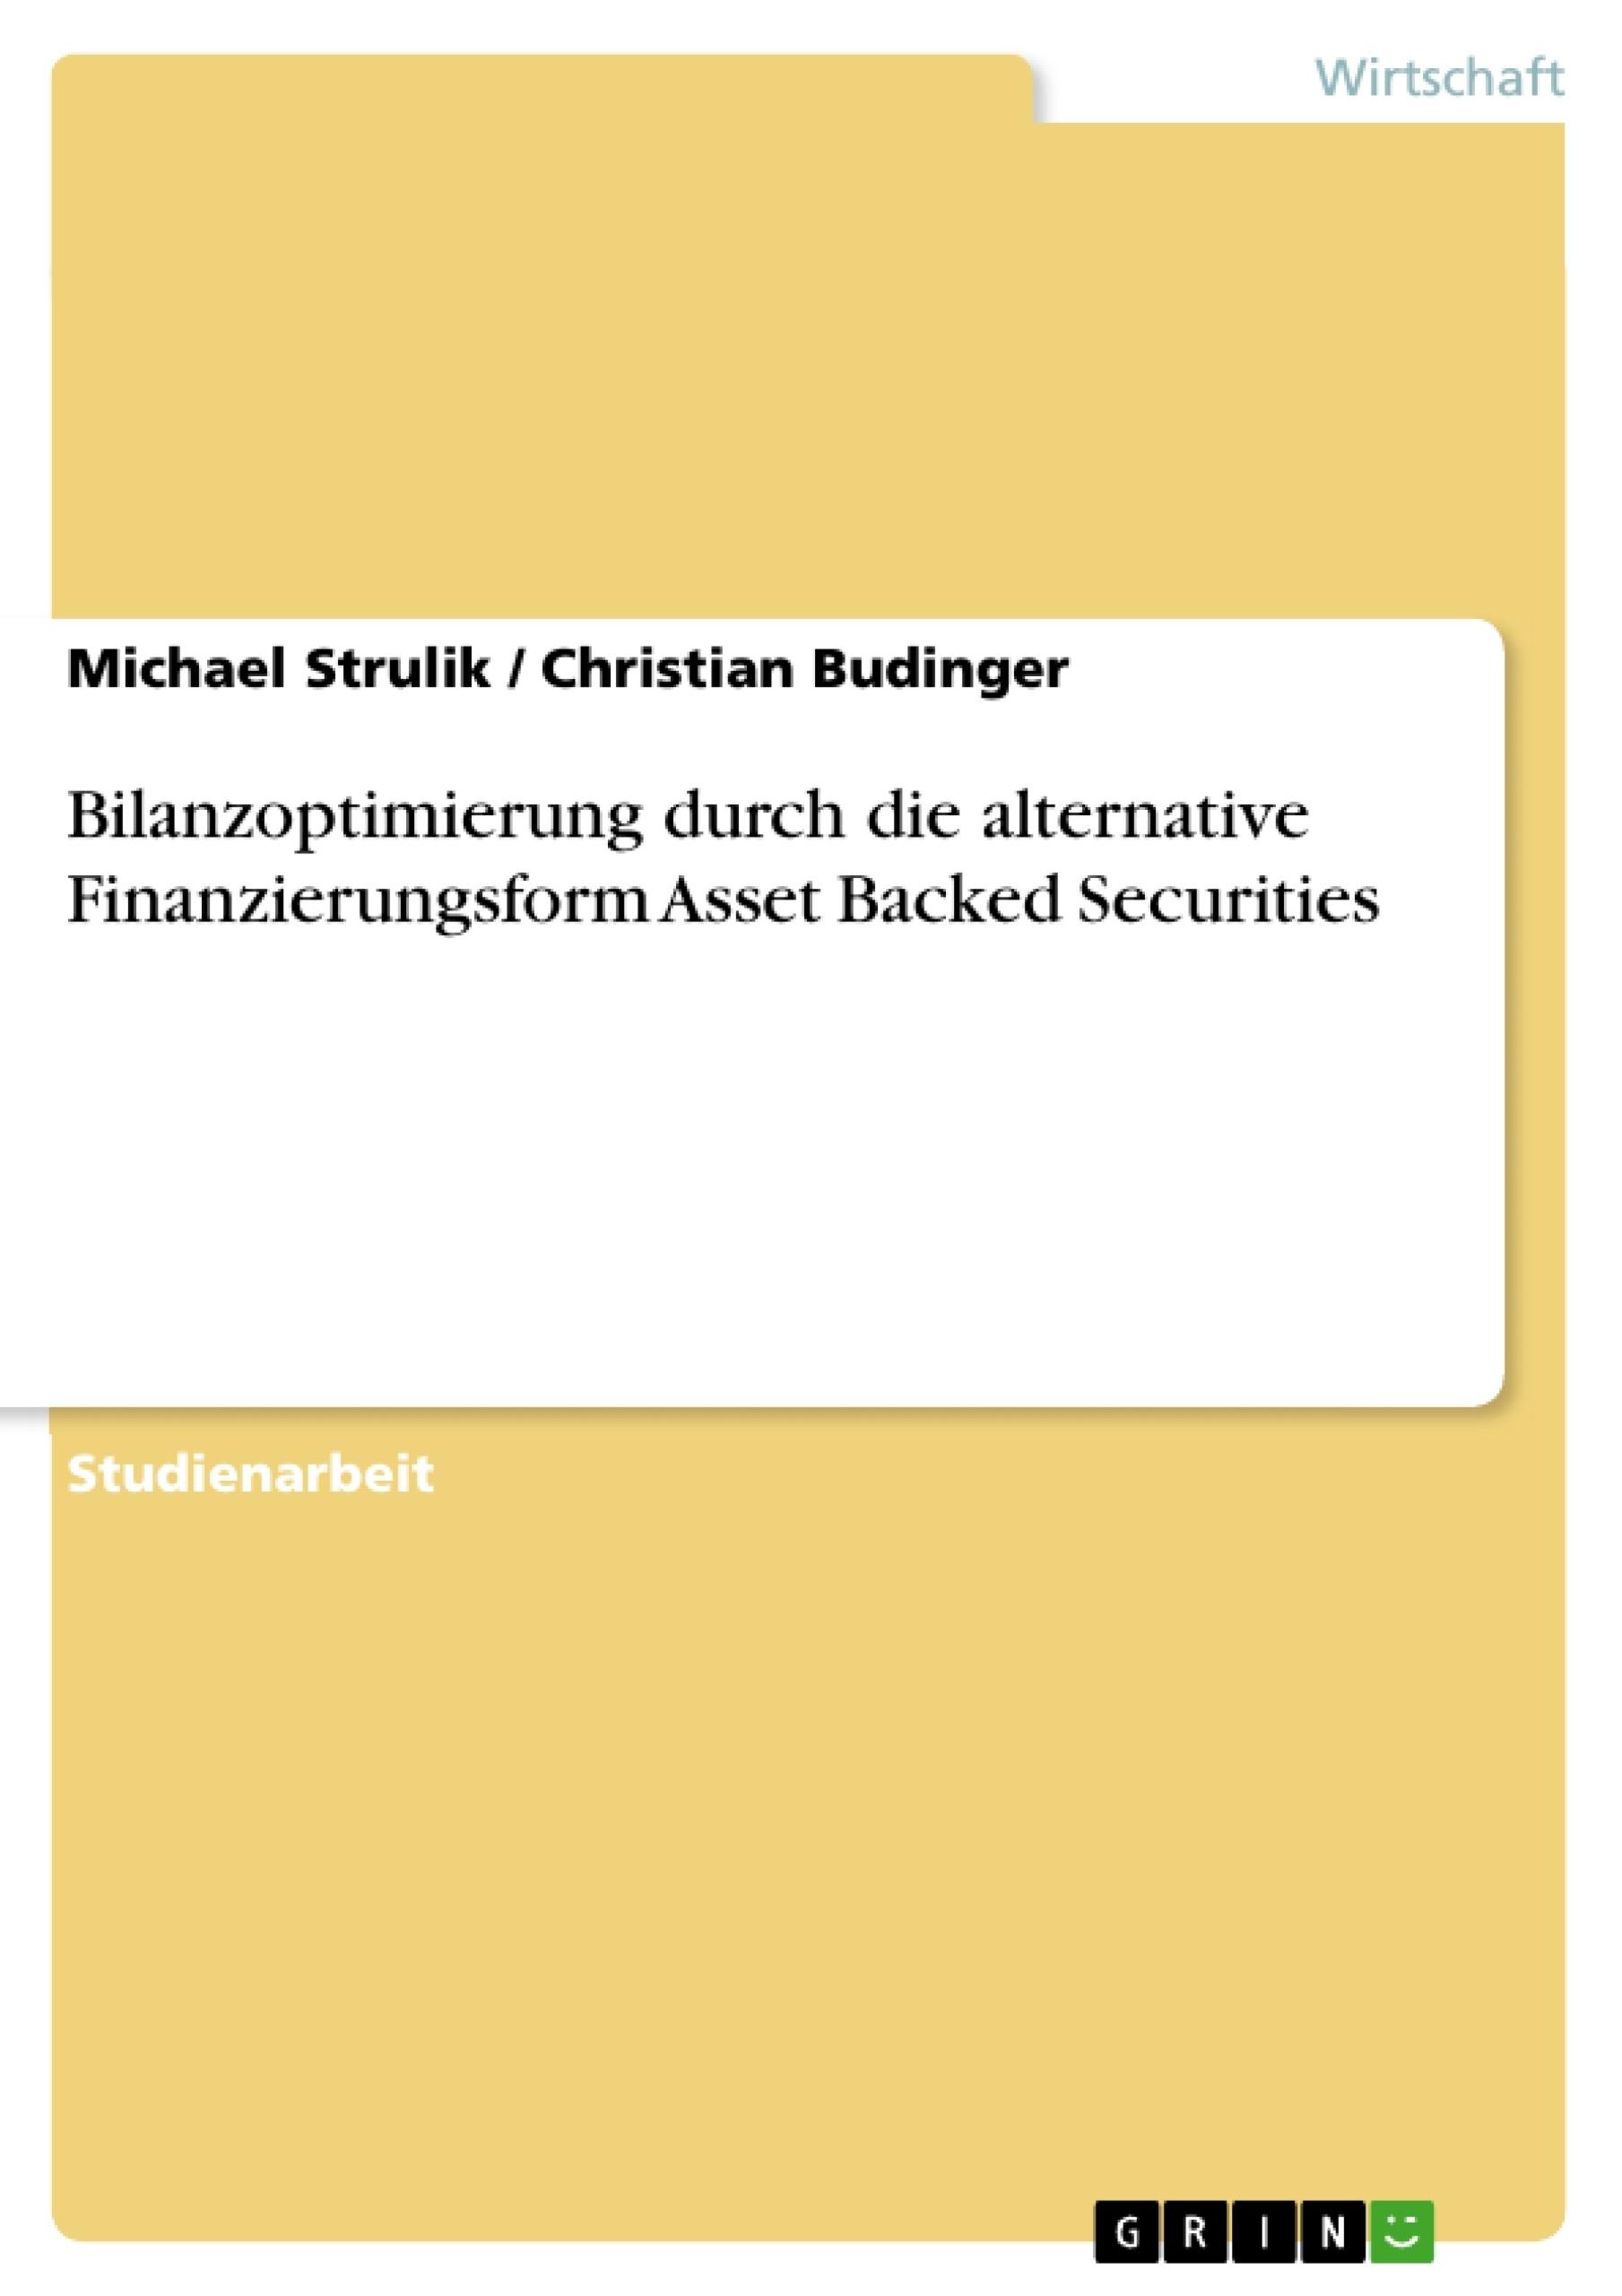 Titel: Bilanzoptimierung durch die alternative Finanzierungsform Asset Backed Securities